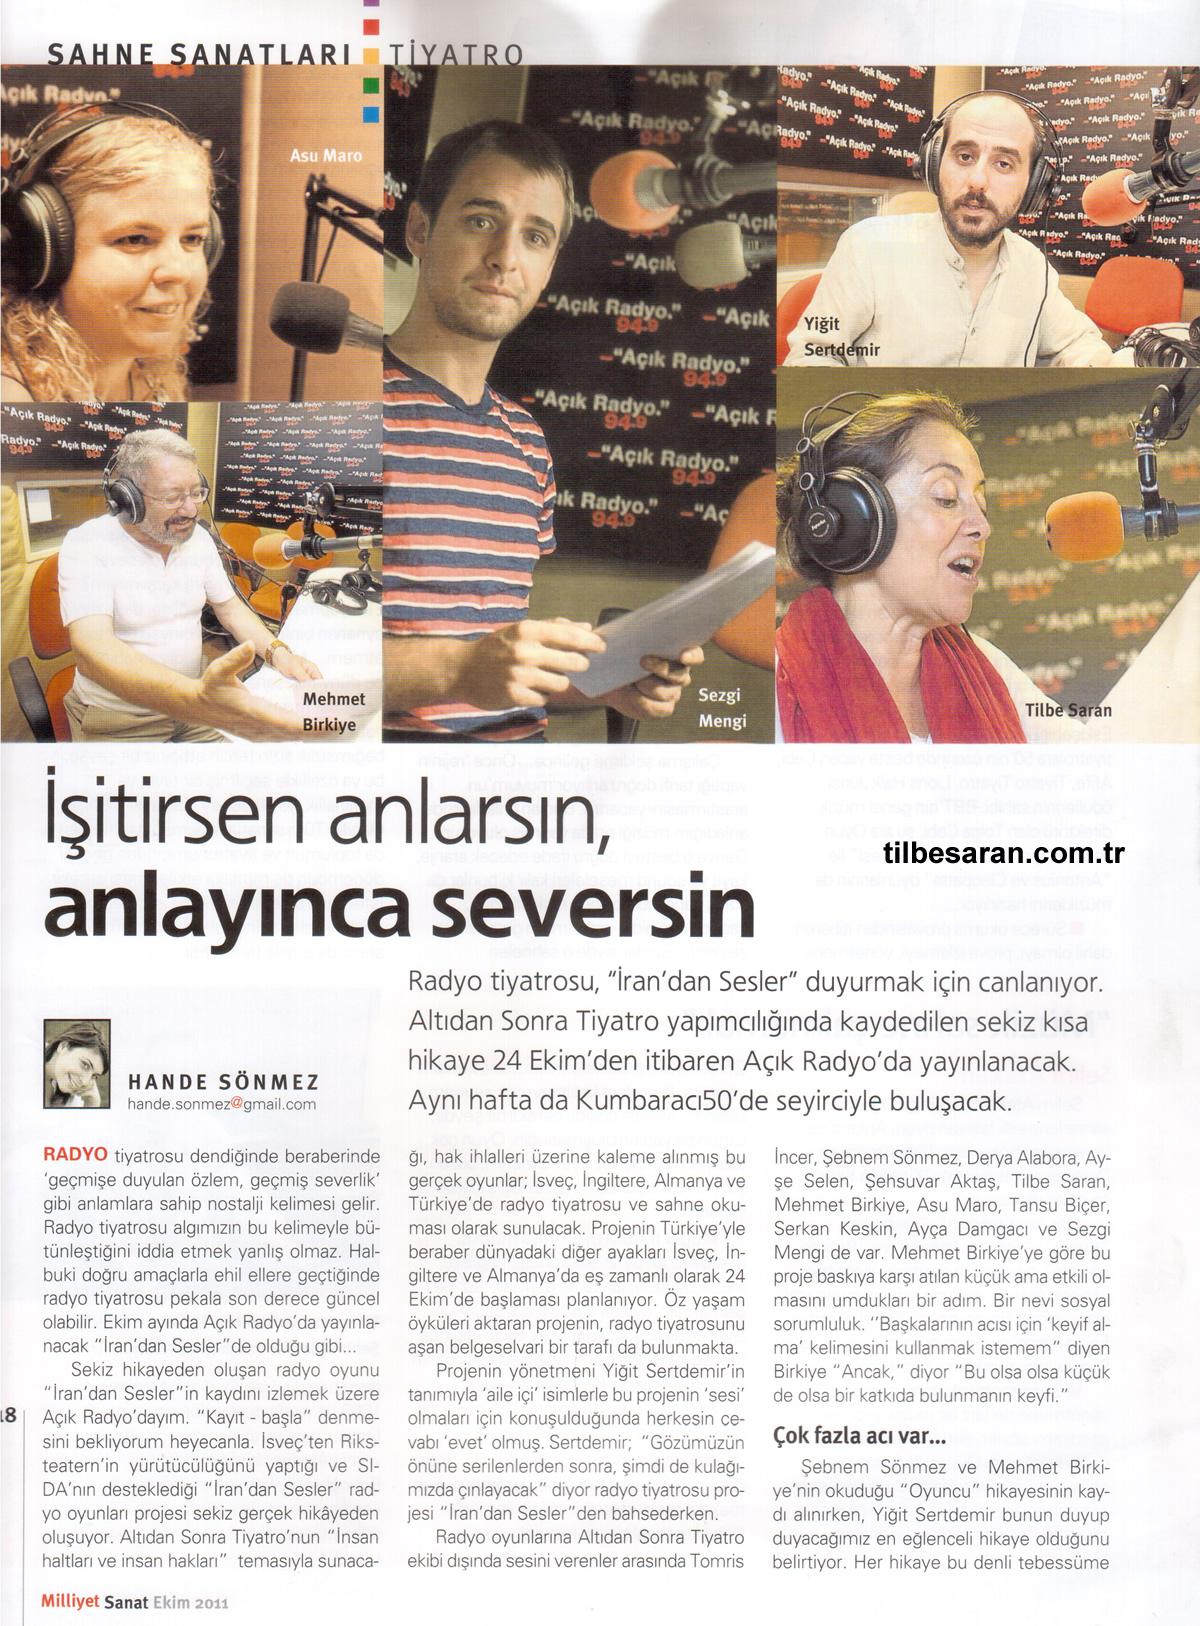 milliyet_sanat_ekim_2011_tilbe_saran_1